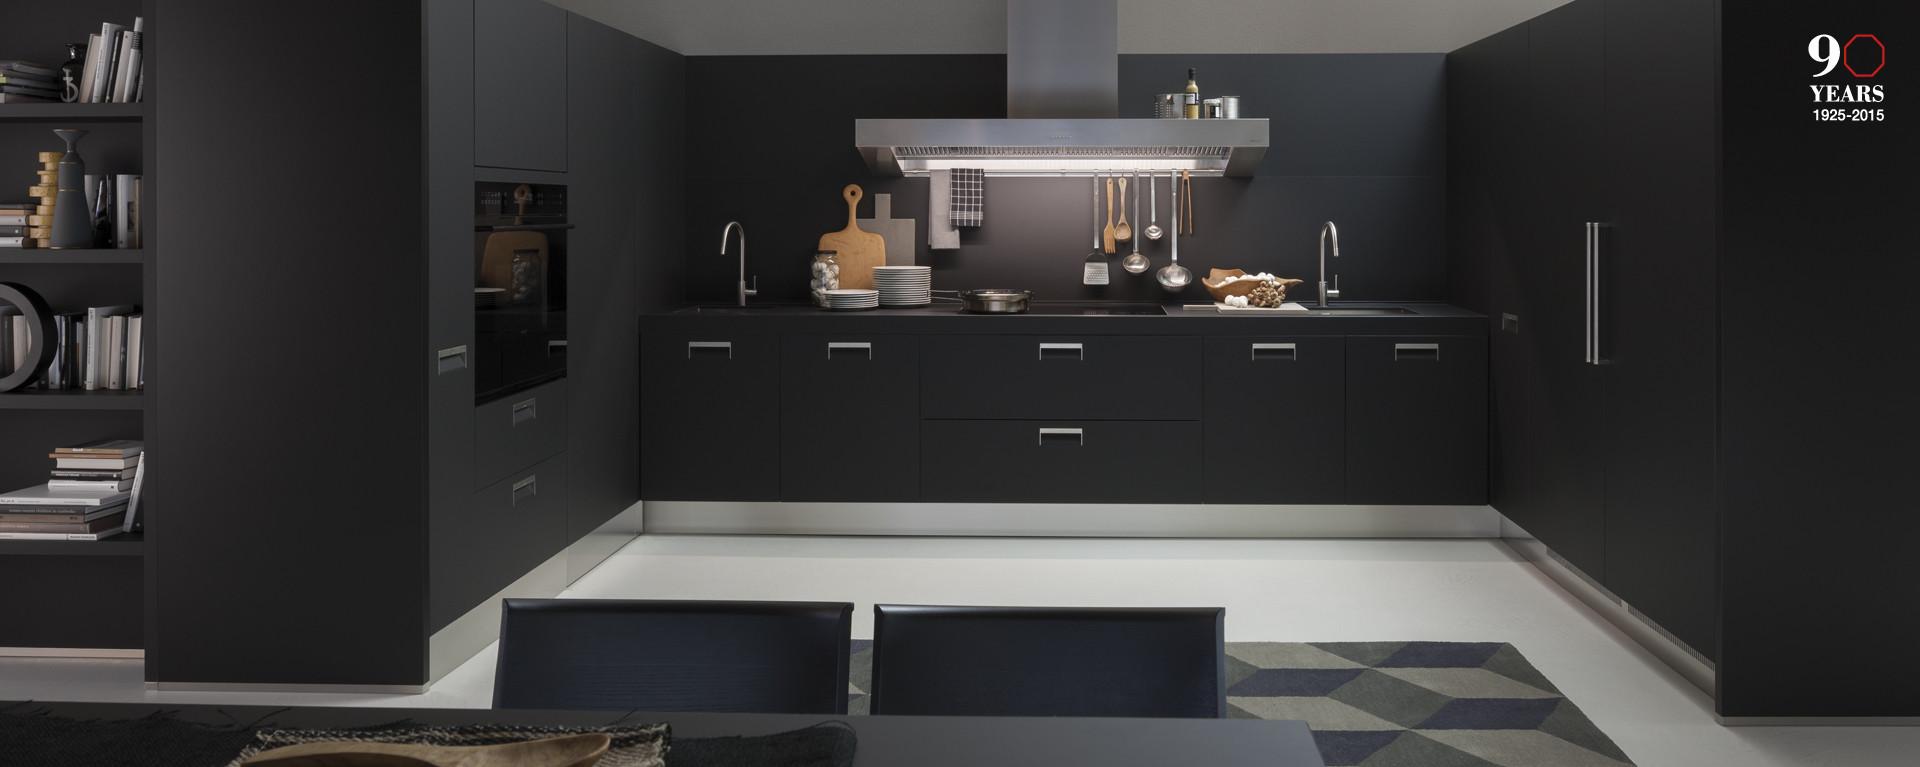 Welkom bij arclinea amsterdam italiaanse keukens bij u thuis - Keuken volledige verkoop ...